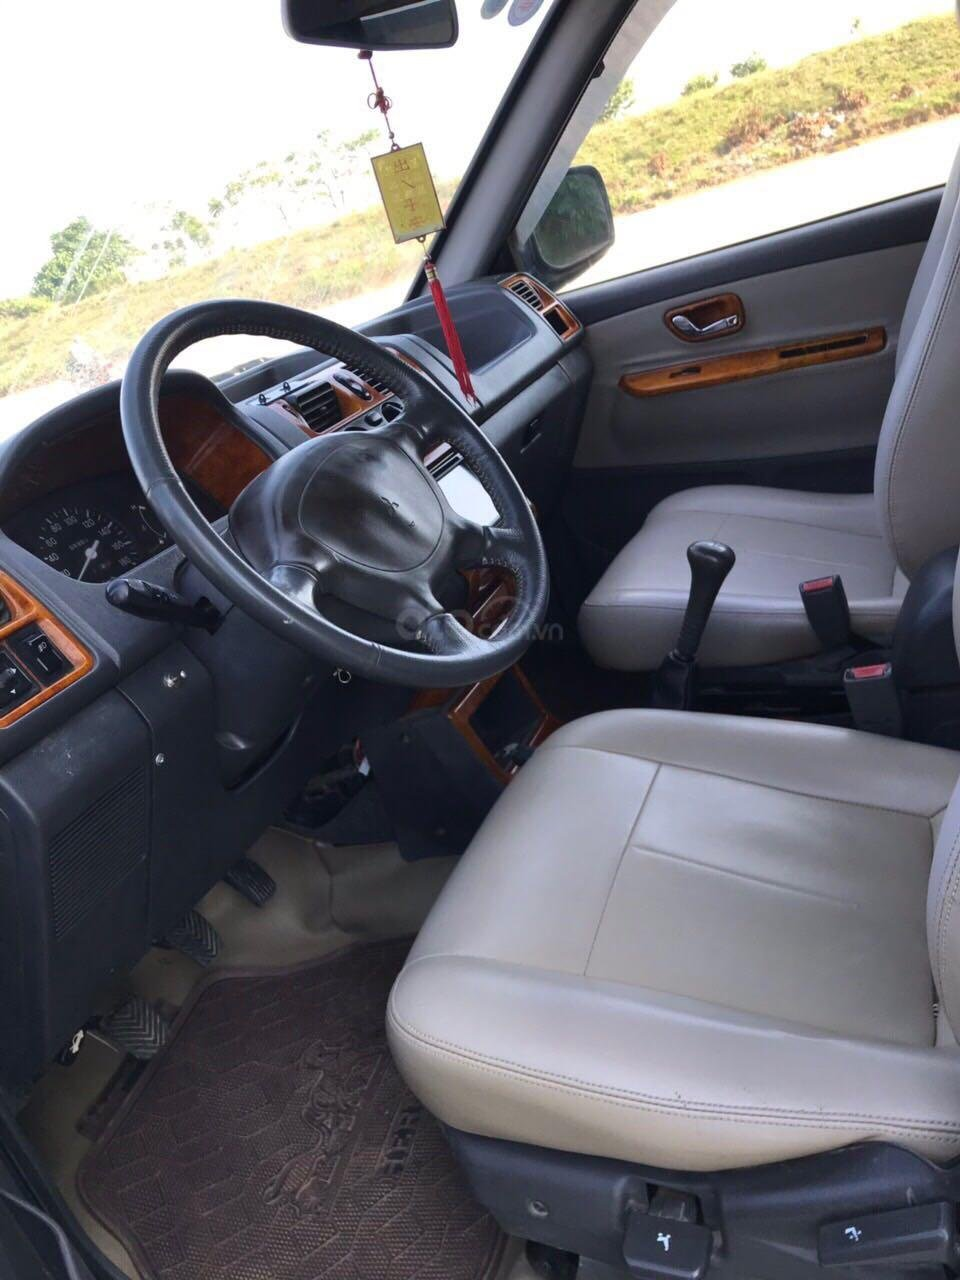 Cần bán gấp Mitsubishi Jolie đăng ký 2003, màu xanh lam, xe nhập, giá chỉ 125 triệu đồng (4)